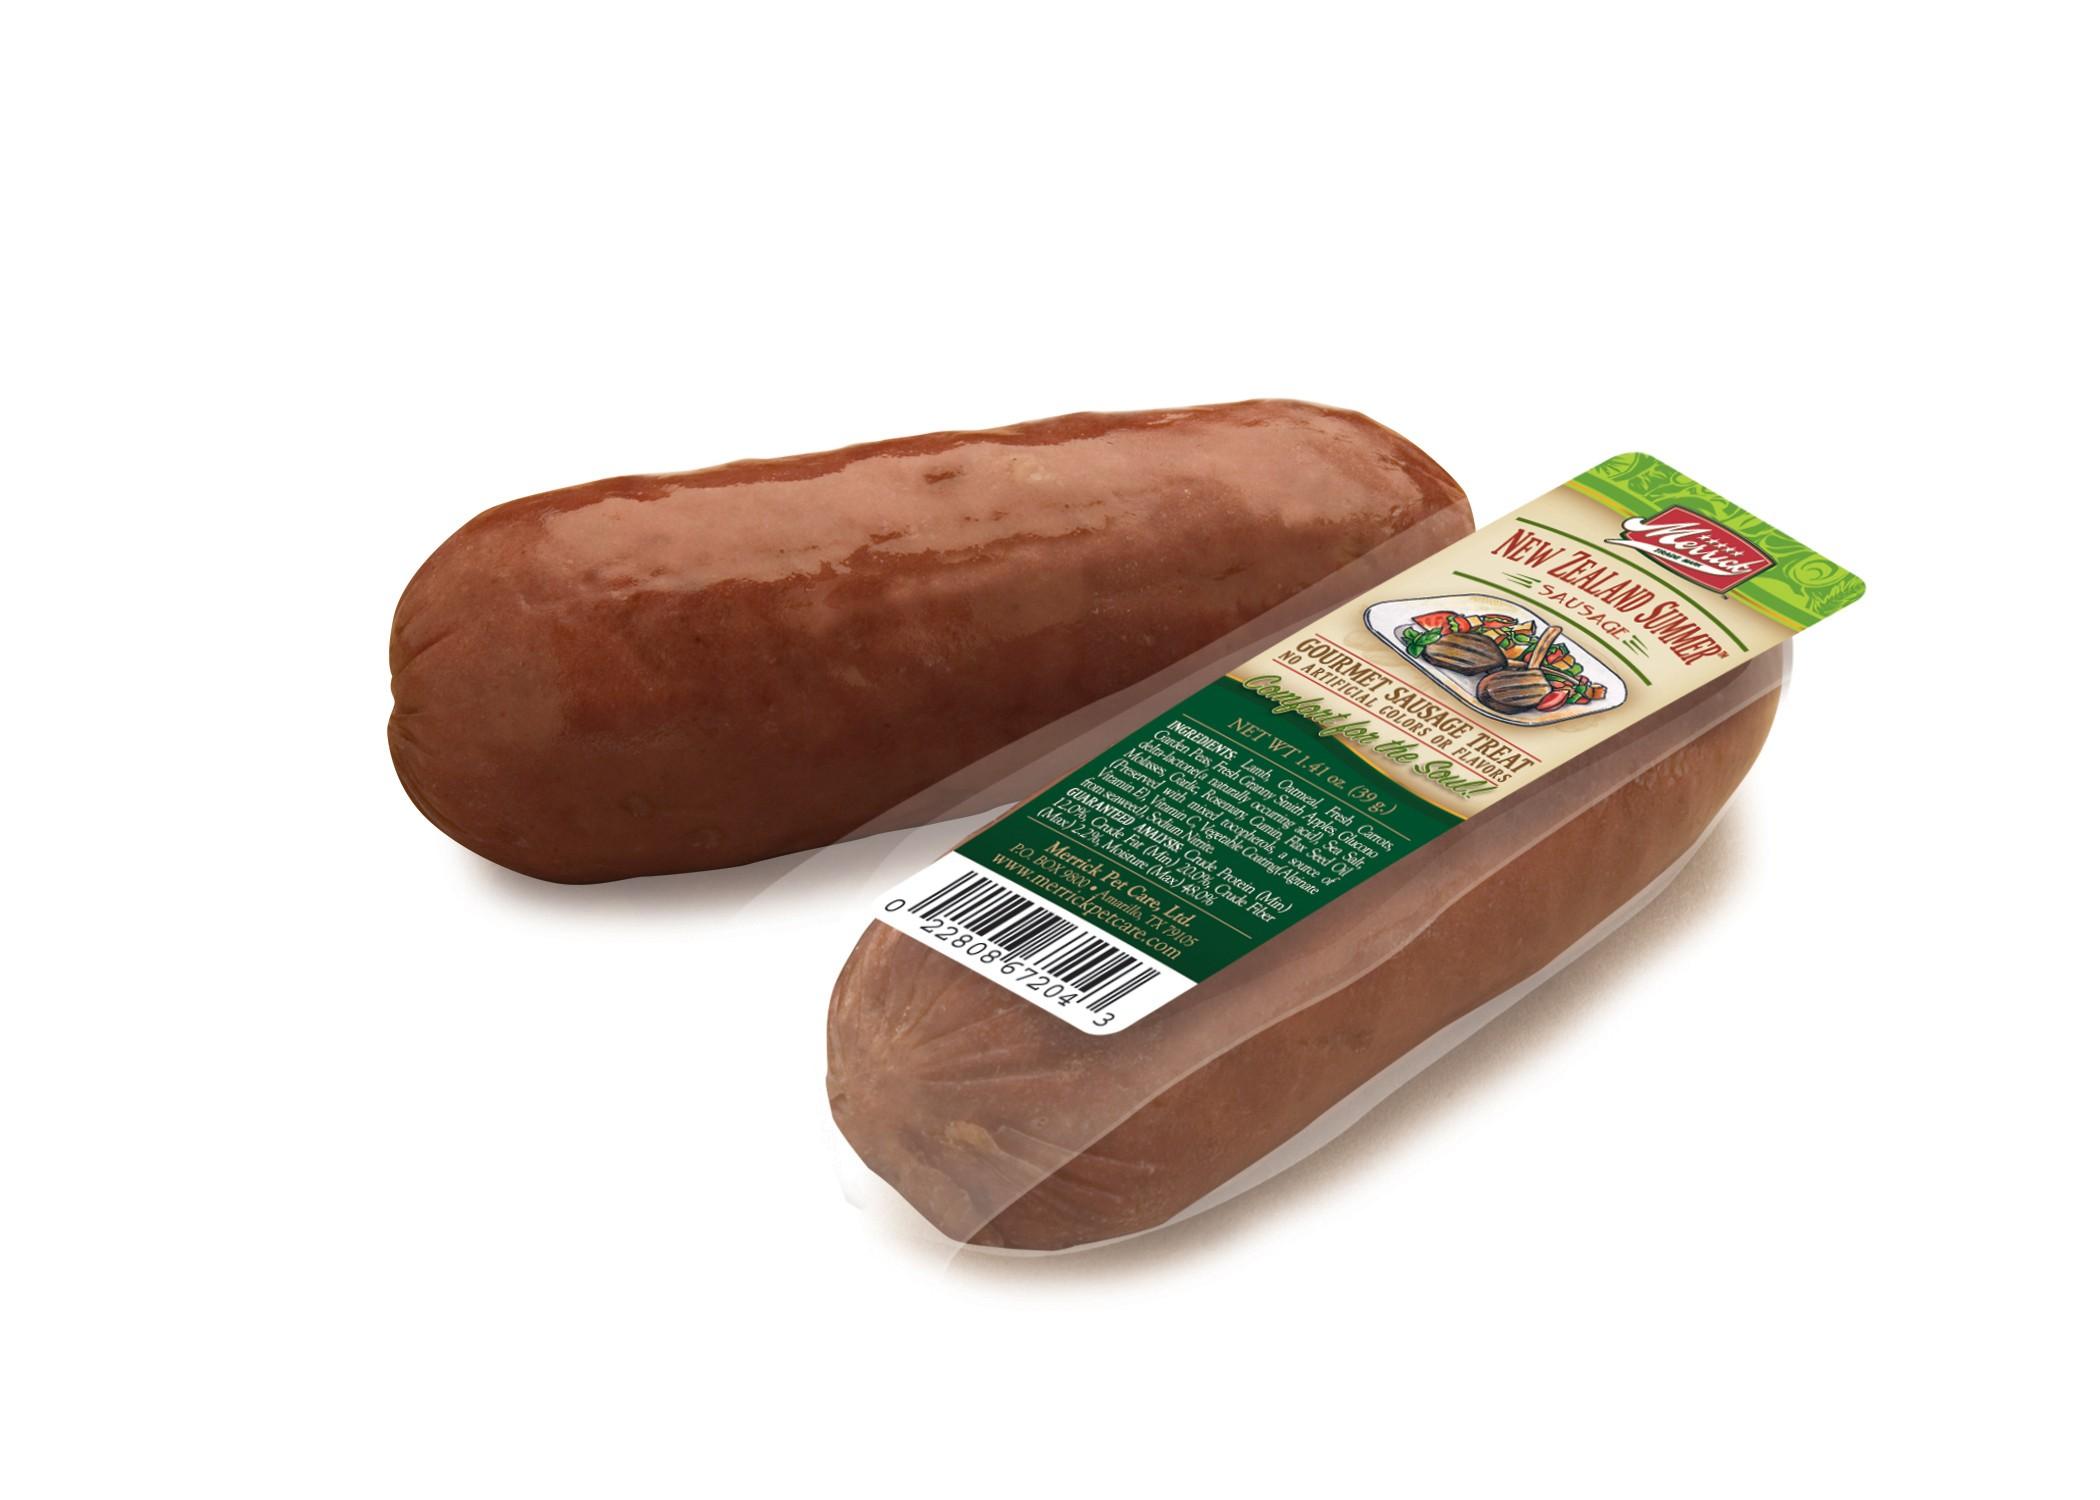 merrick new zealand summer sausage dog treat case of 34. Black Bedroom Furniture Sets. Home Design Ideas